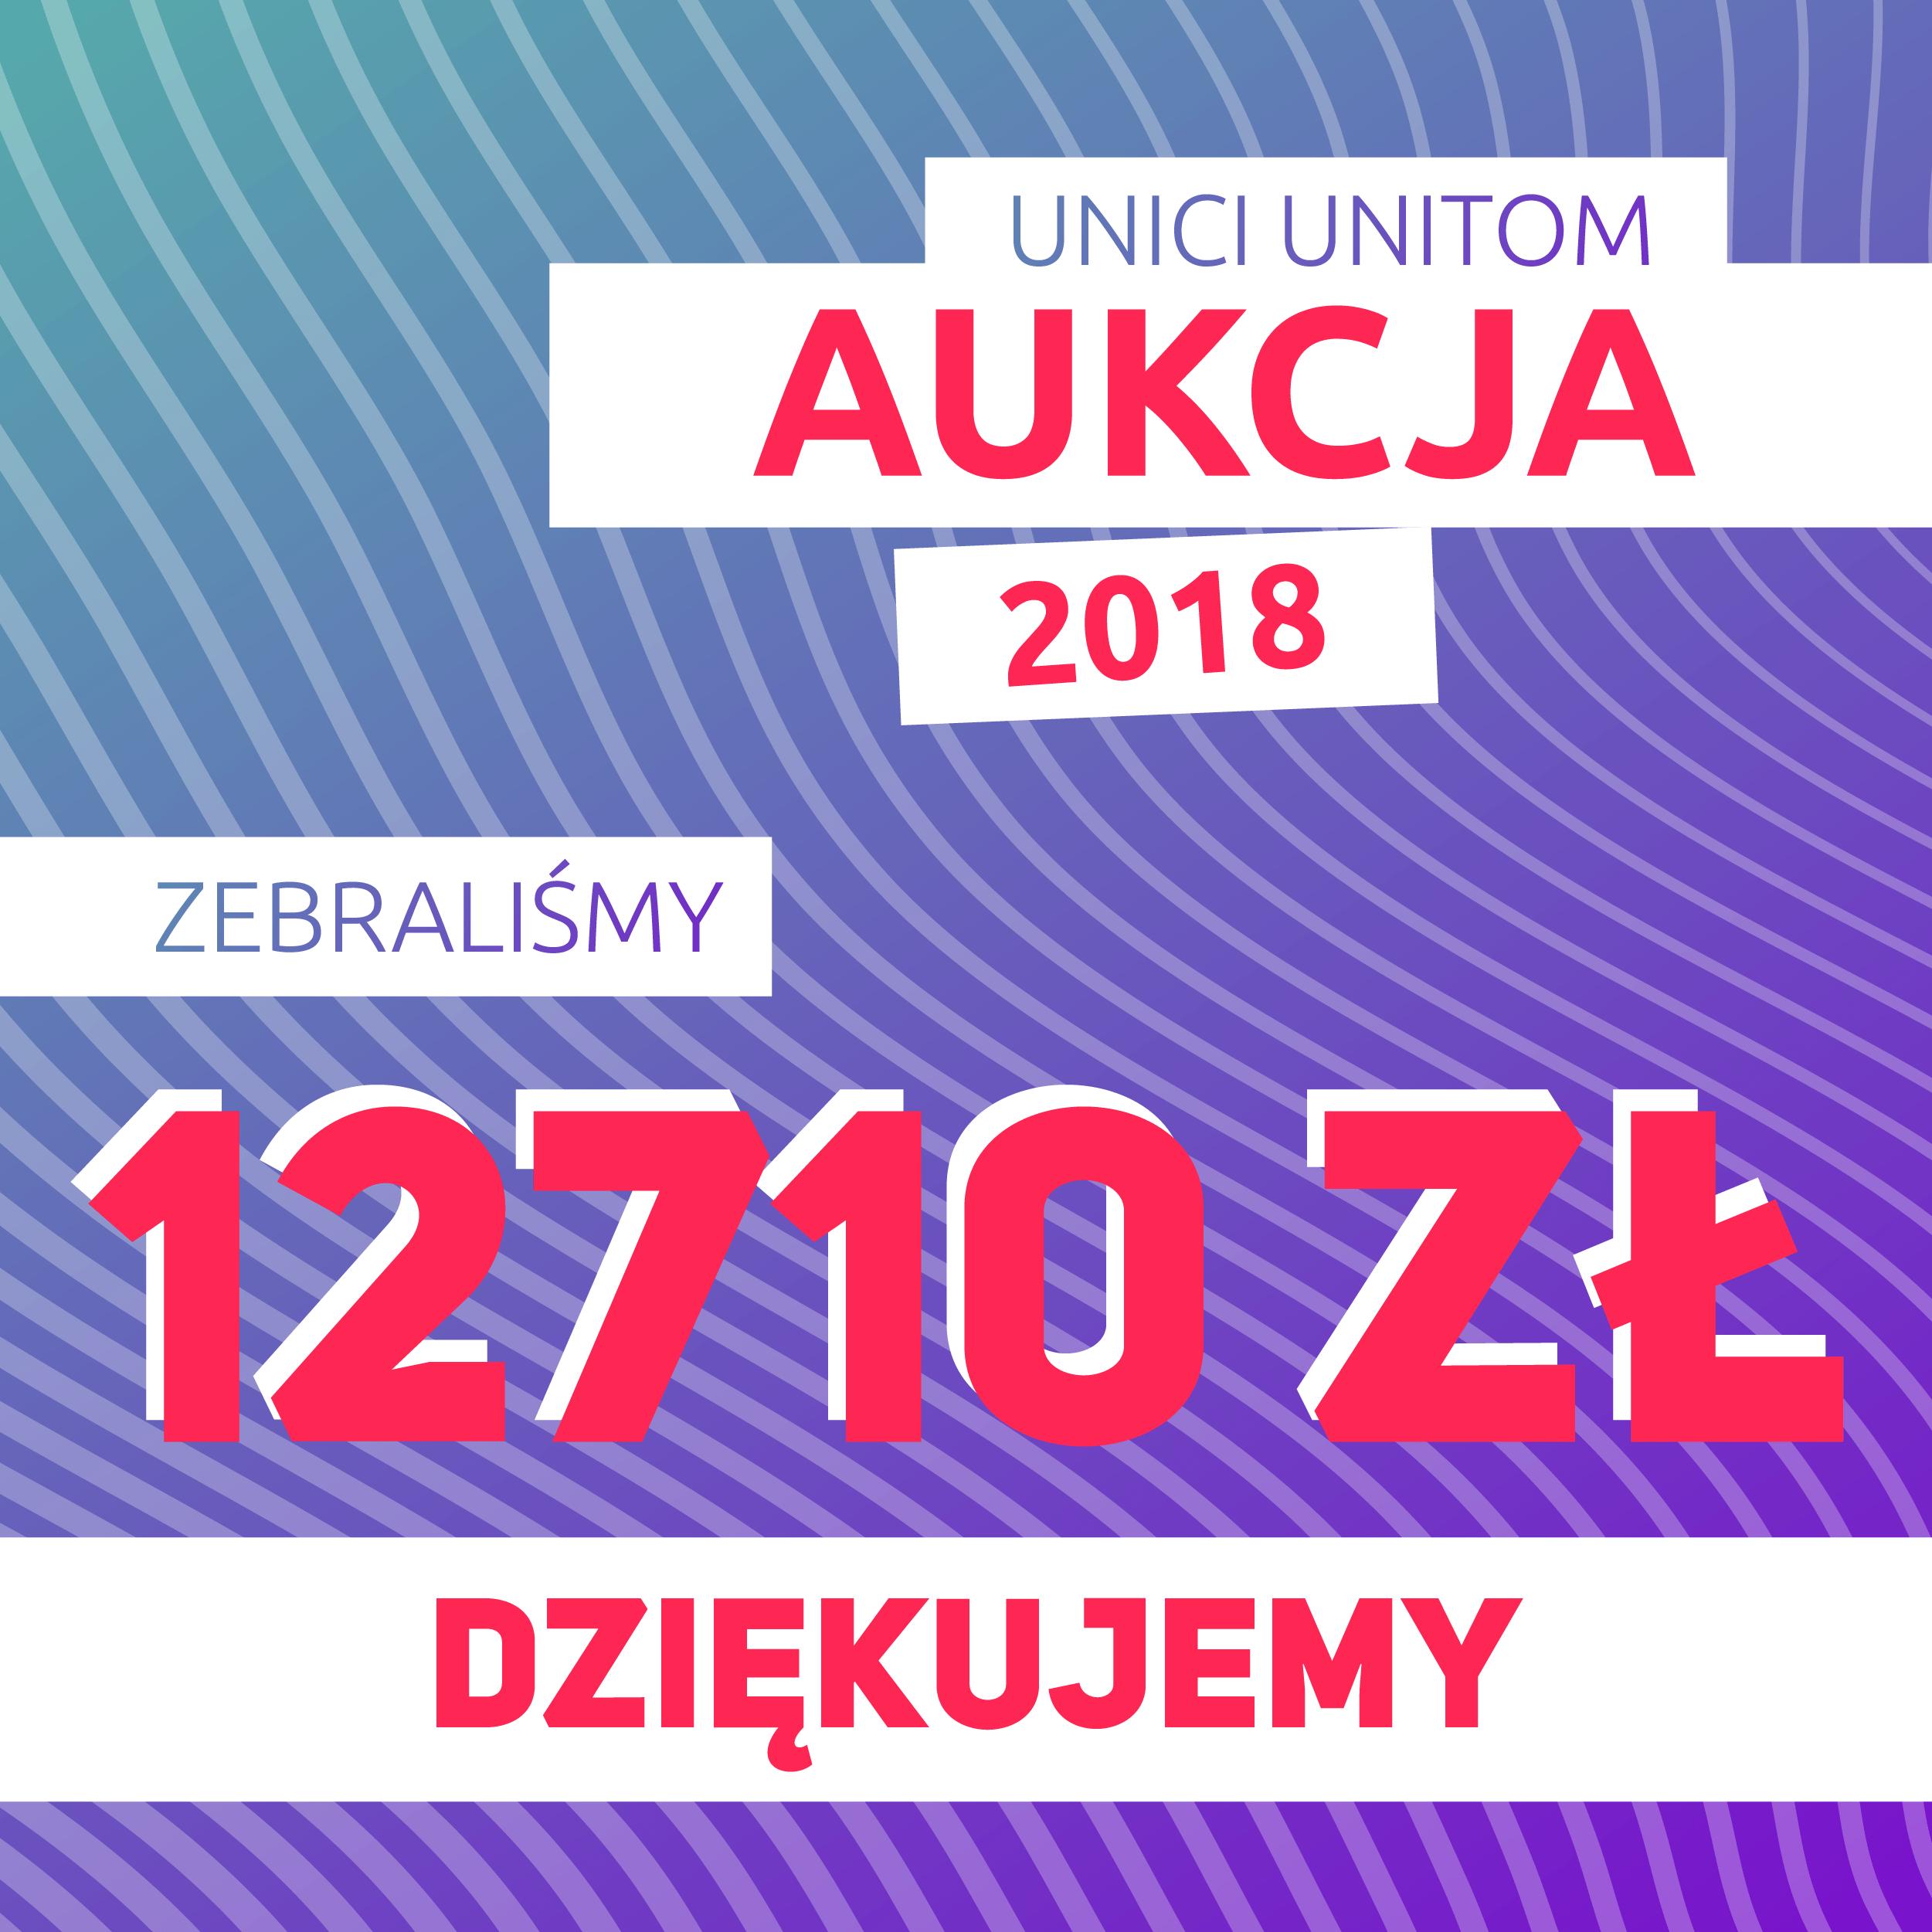 Podsumowanie Aukcji Unici-Unitom 2018